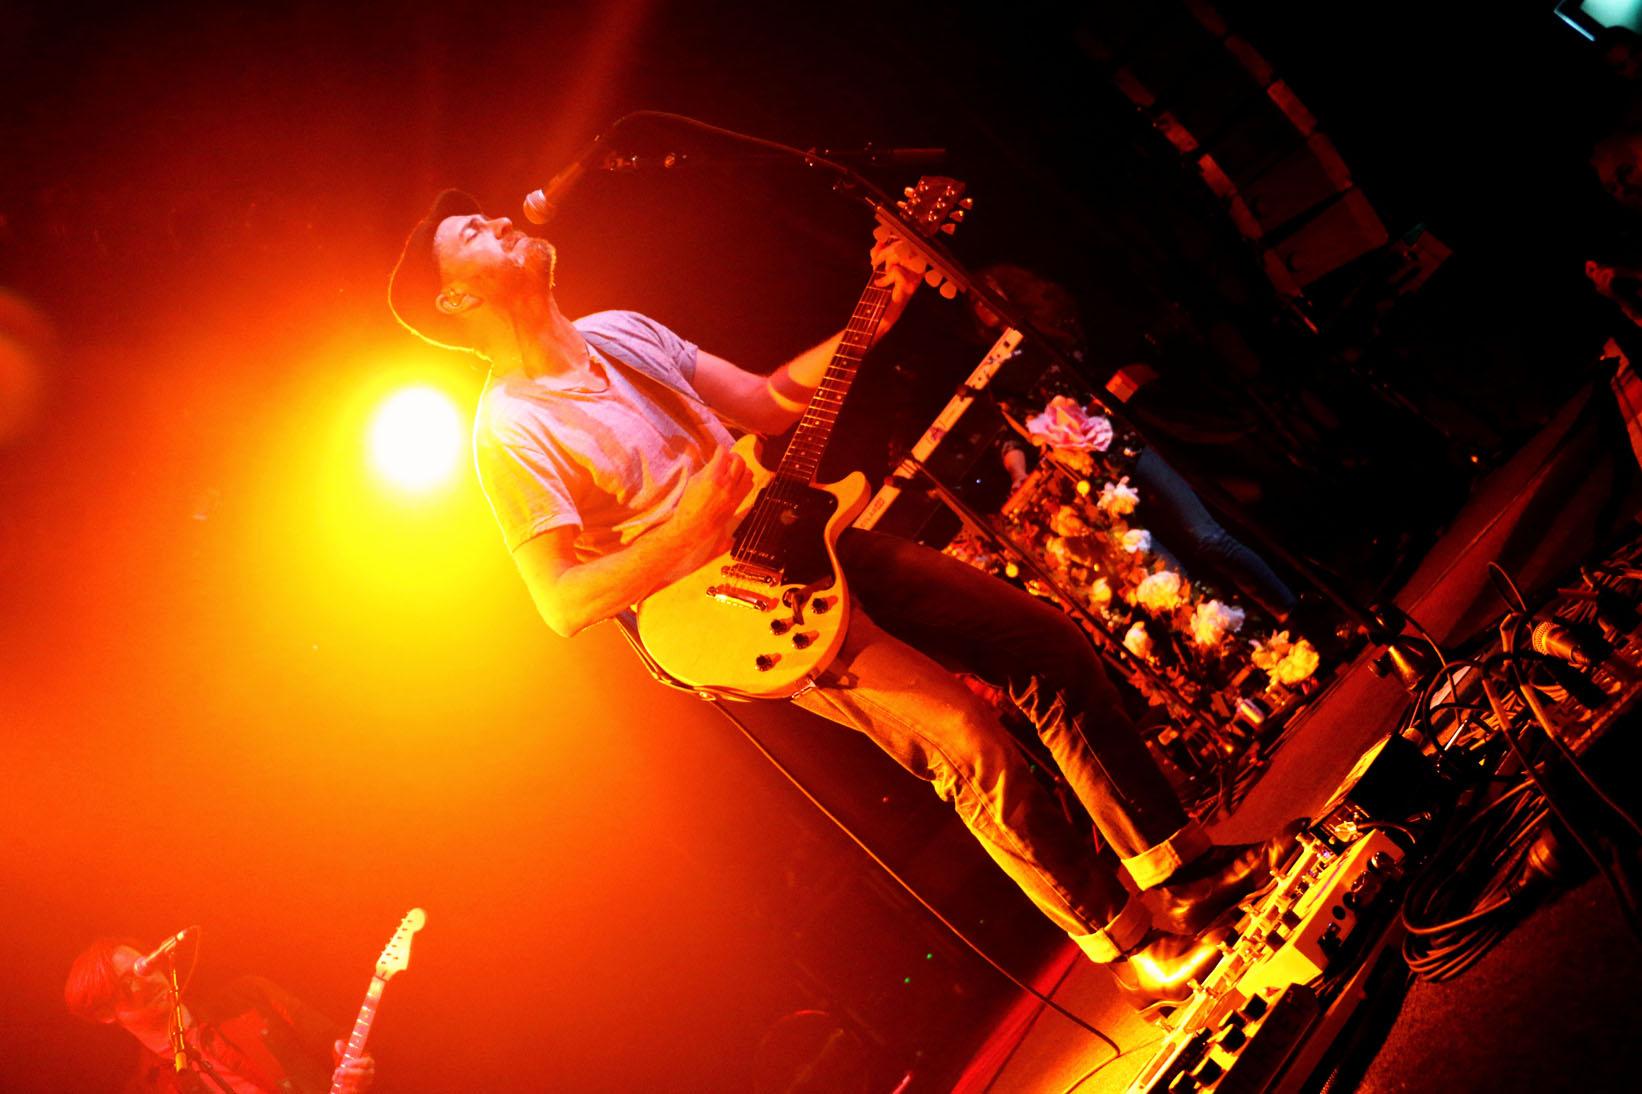 <div class='info-header'>Photographer</div> <a href='http://jessicasuo.tumblr.com/bands' target='_blank'>Jessica Suo</a>